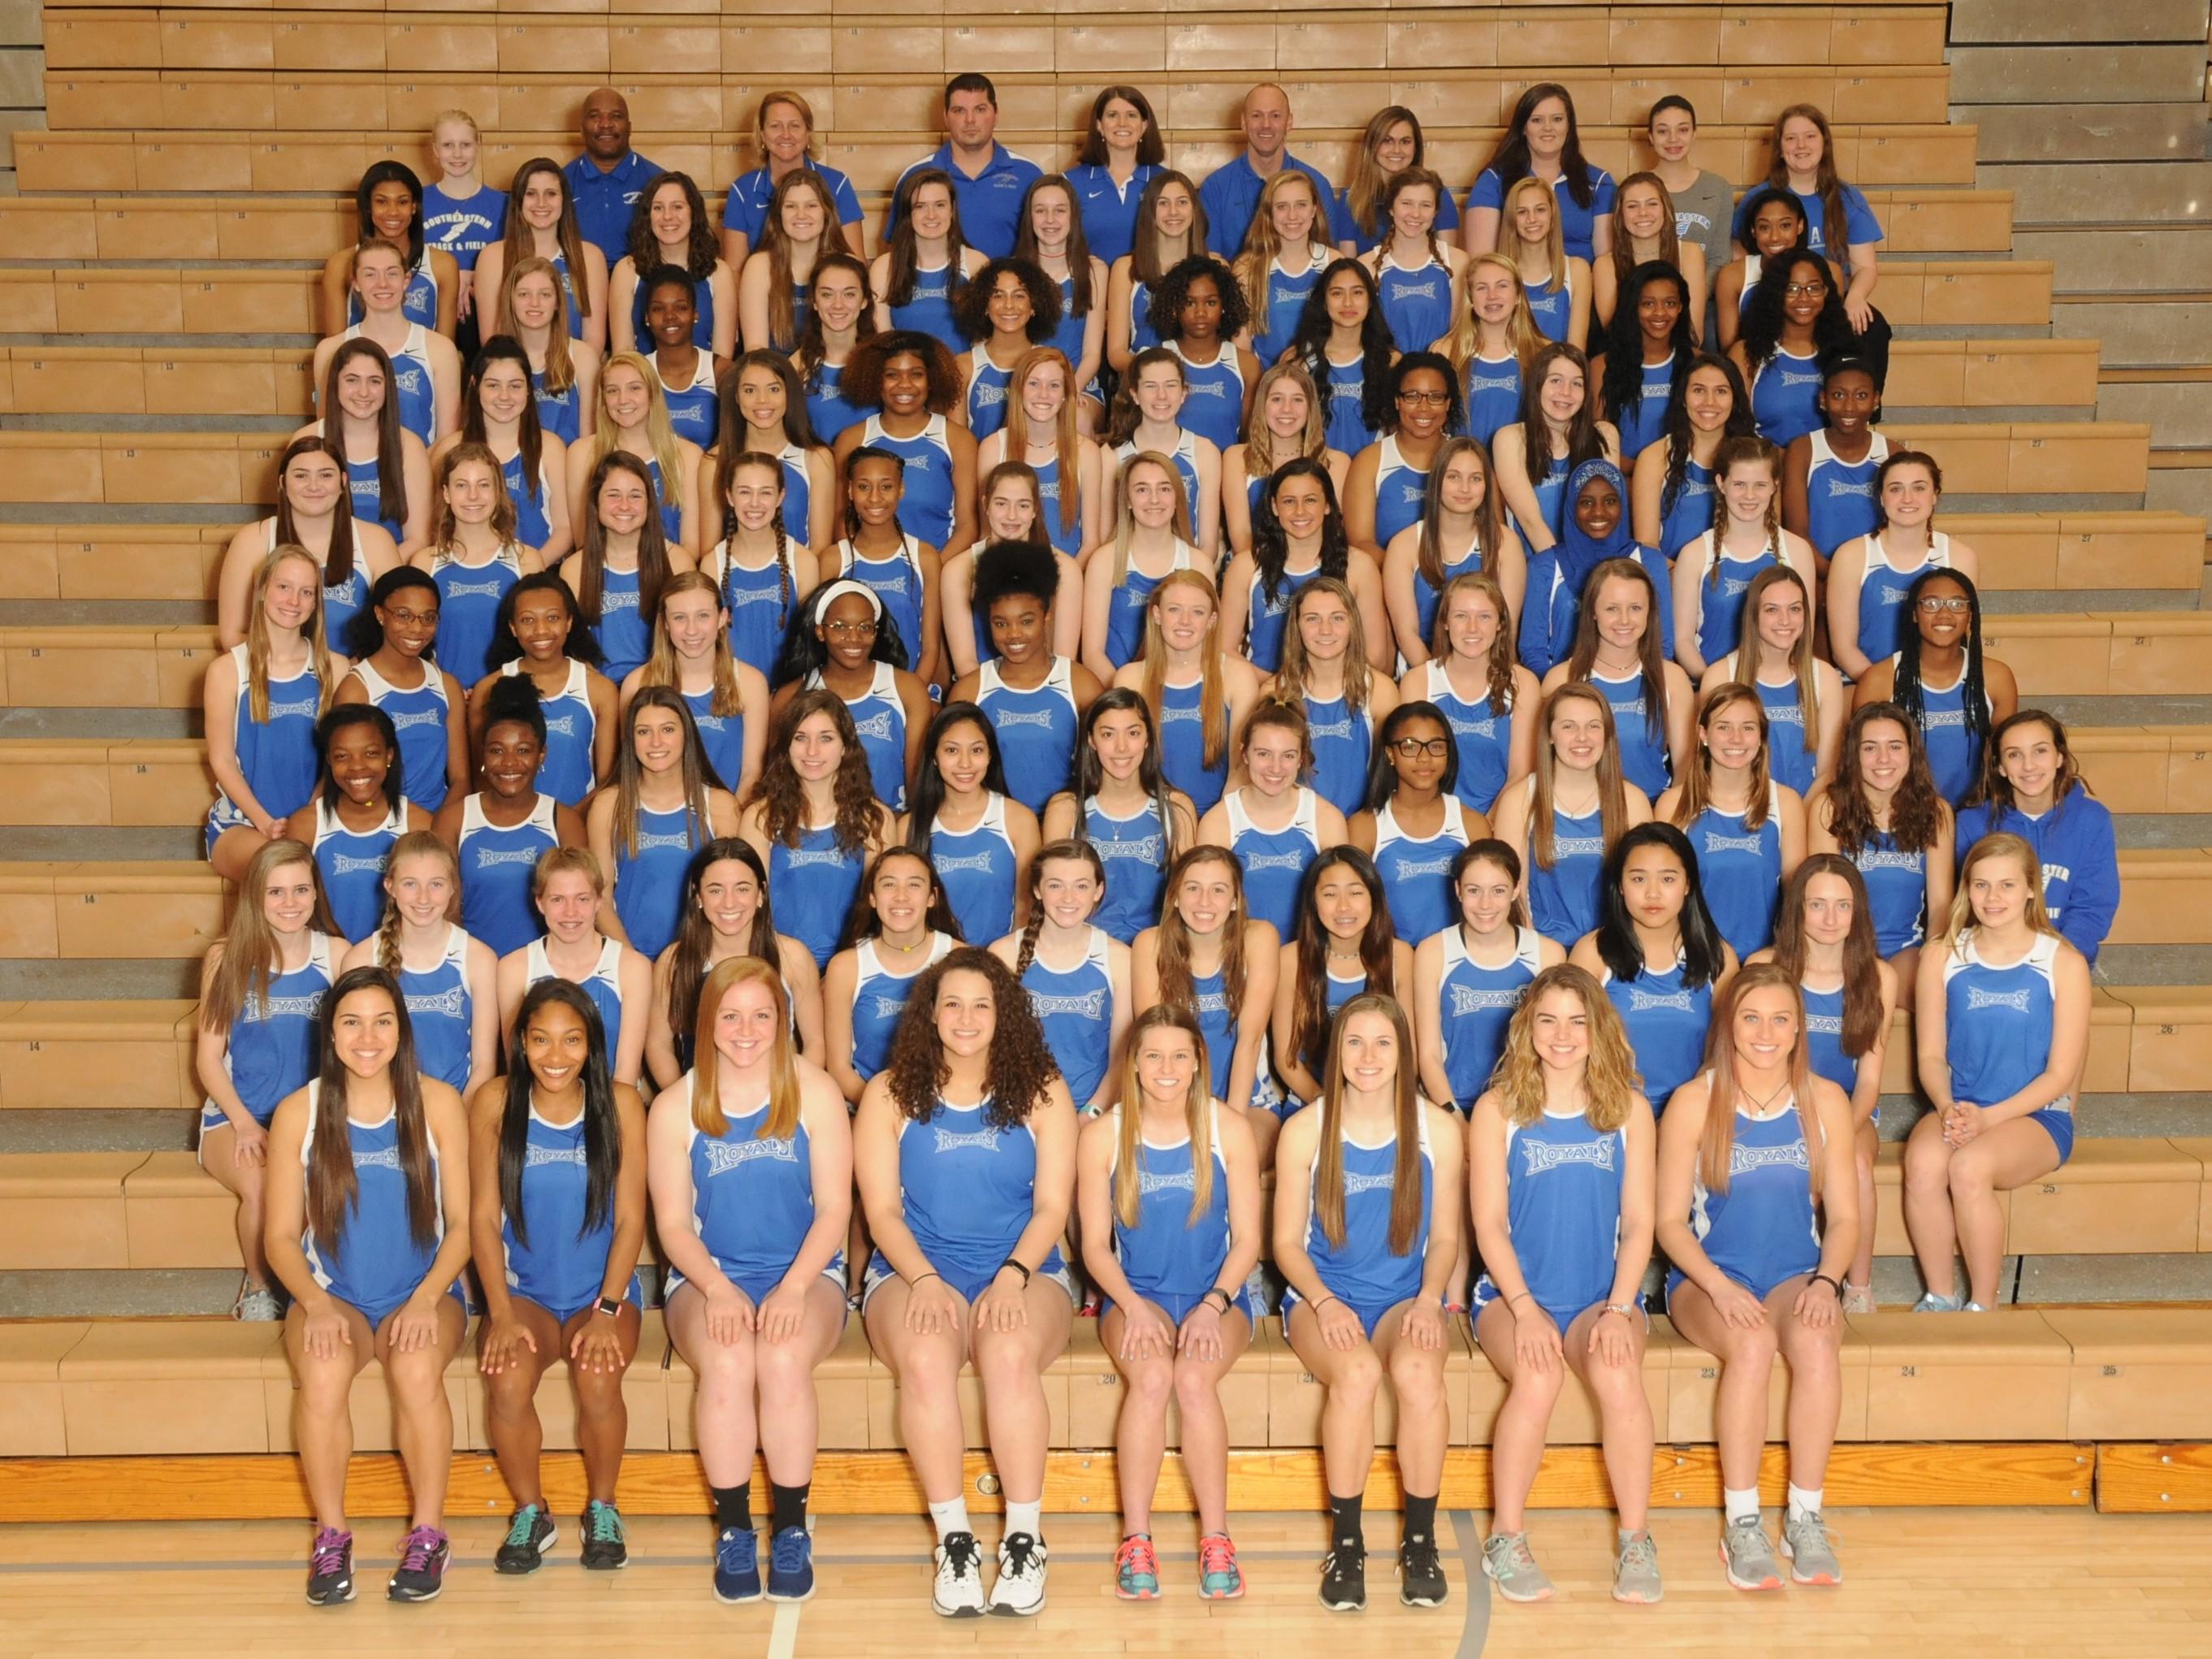 2018 Girls Track & Field Team #WeAreRoyals